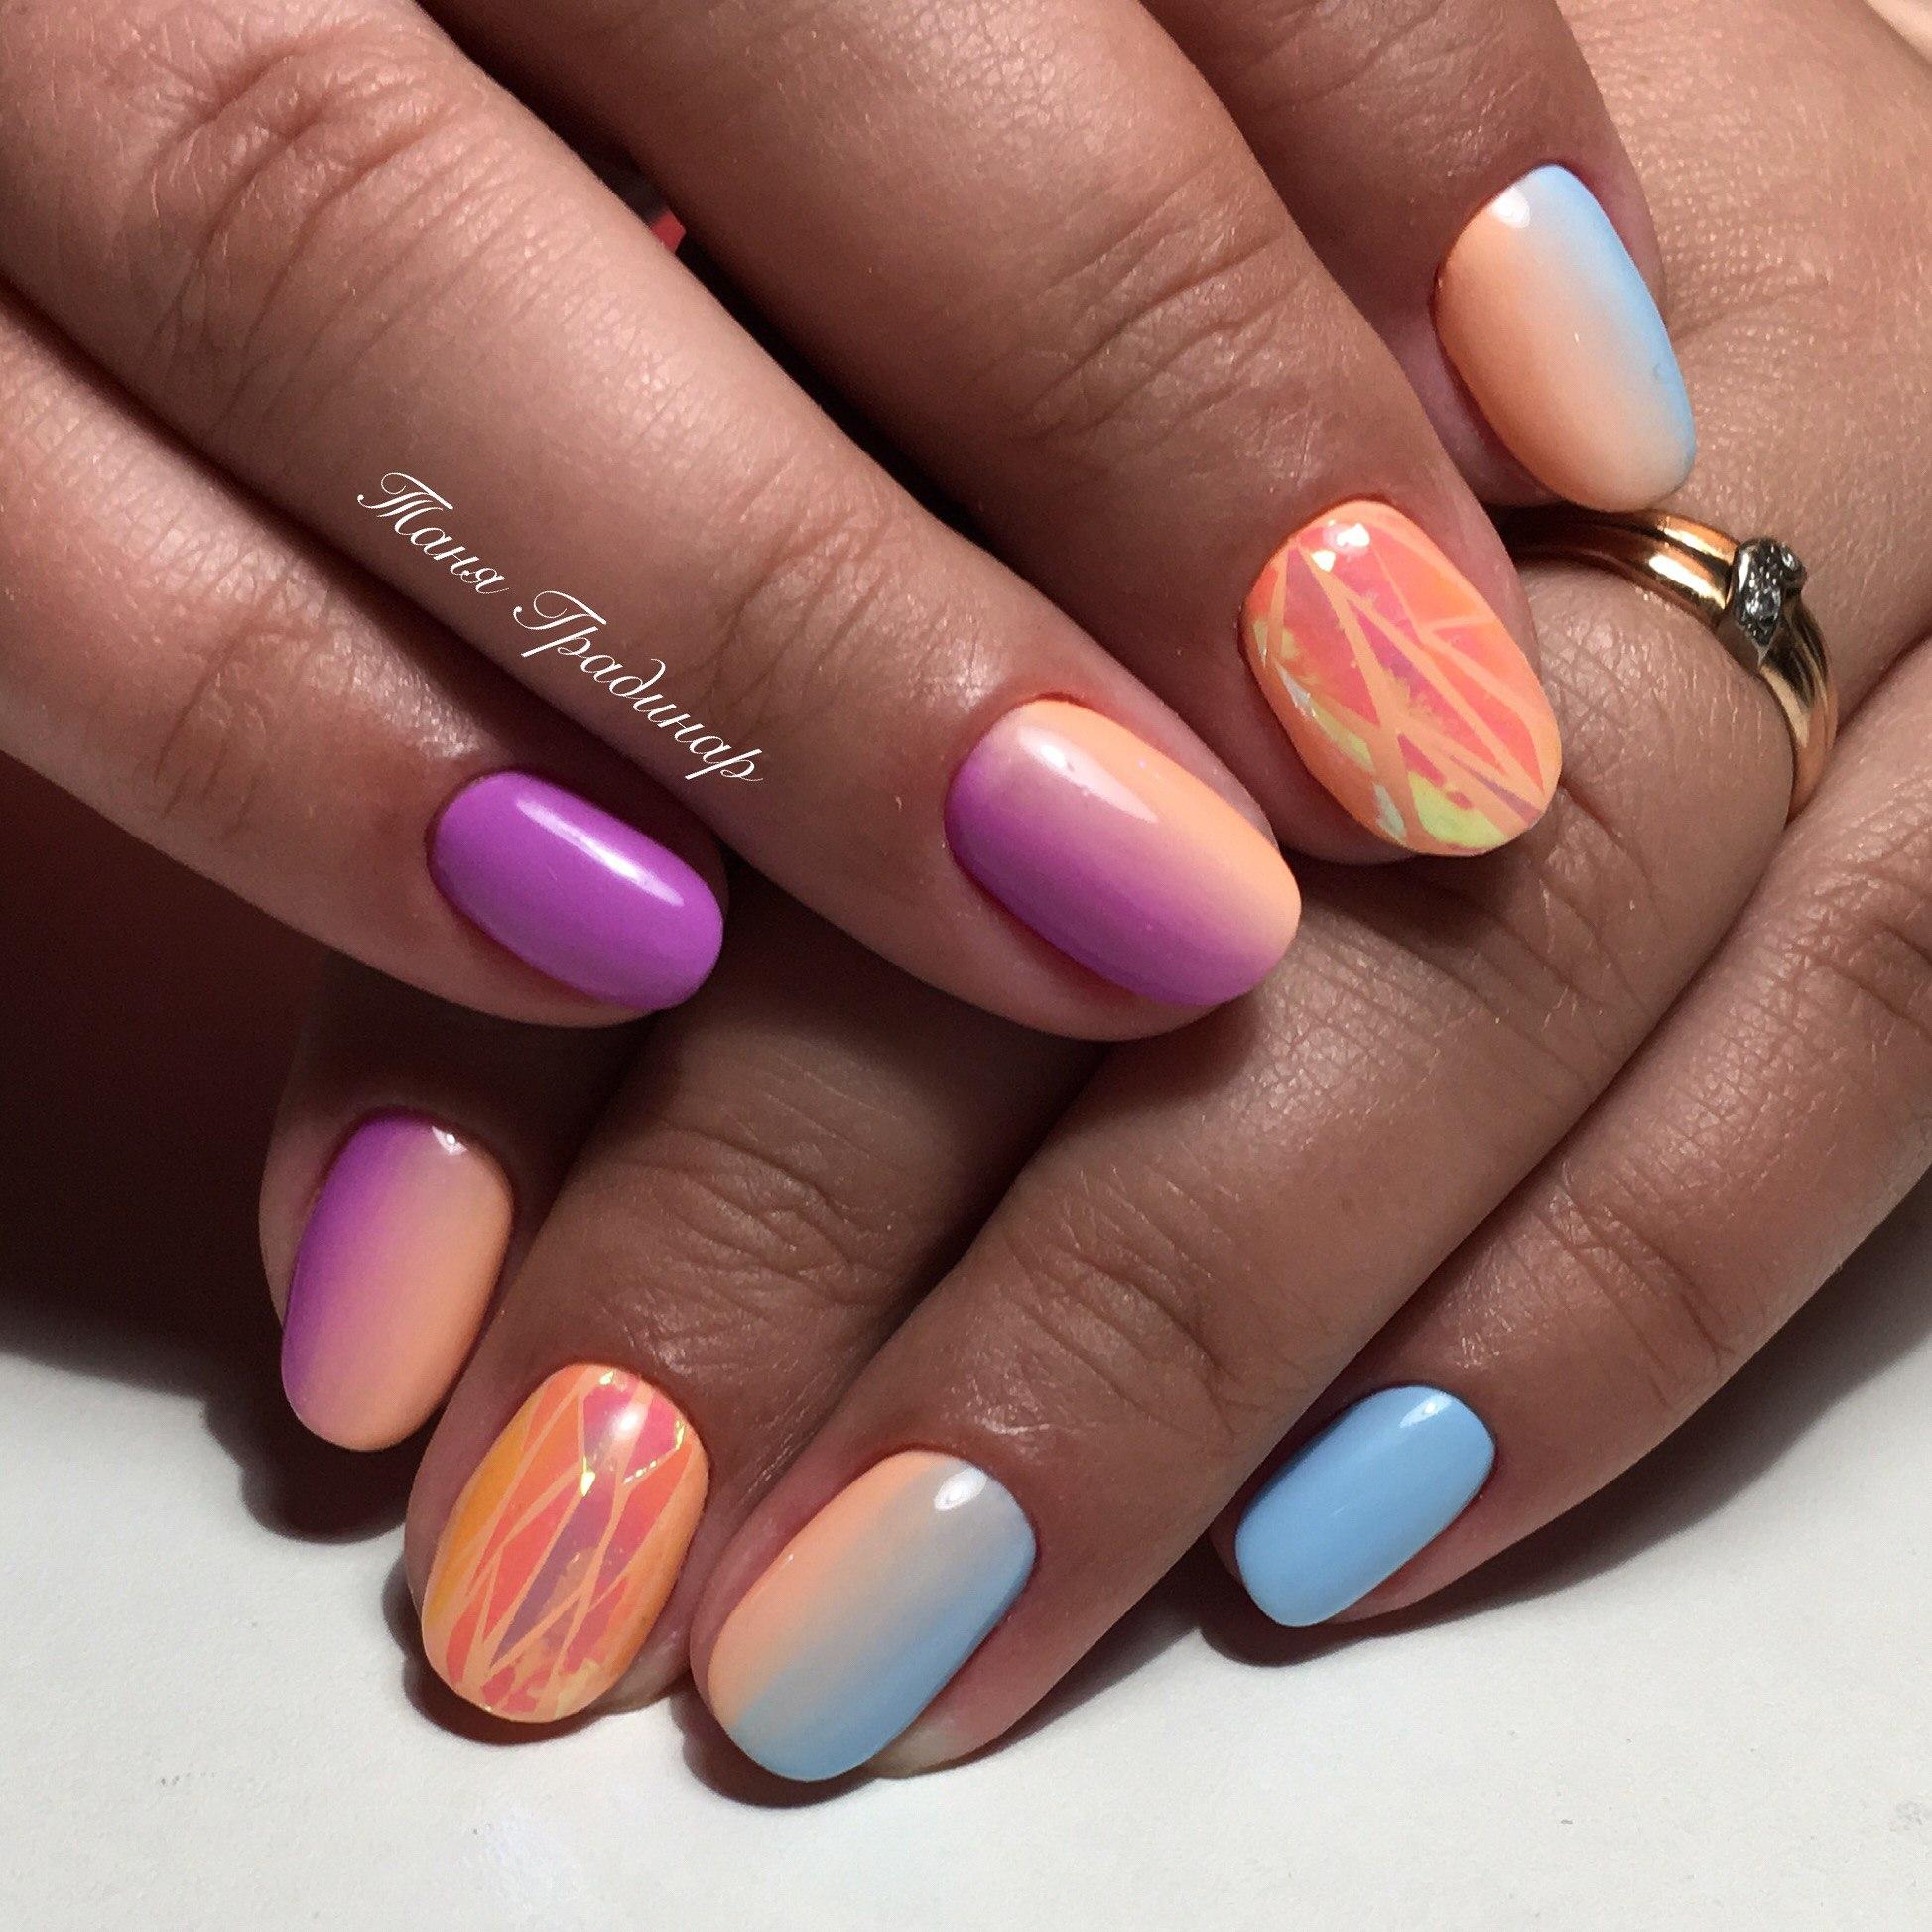 Дизайн на средних ногтях